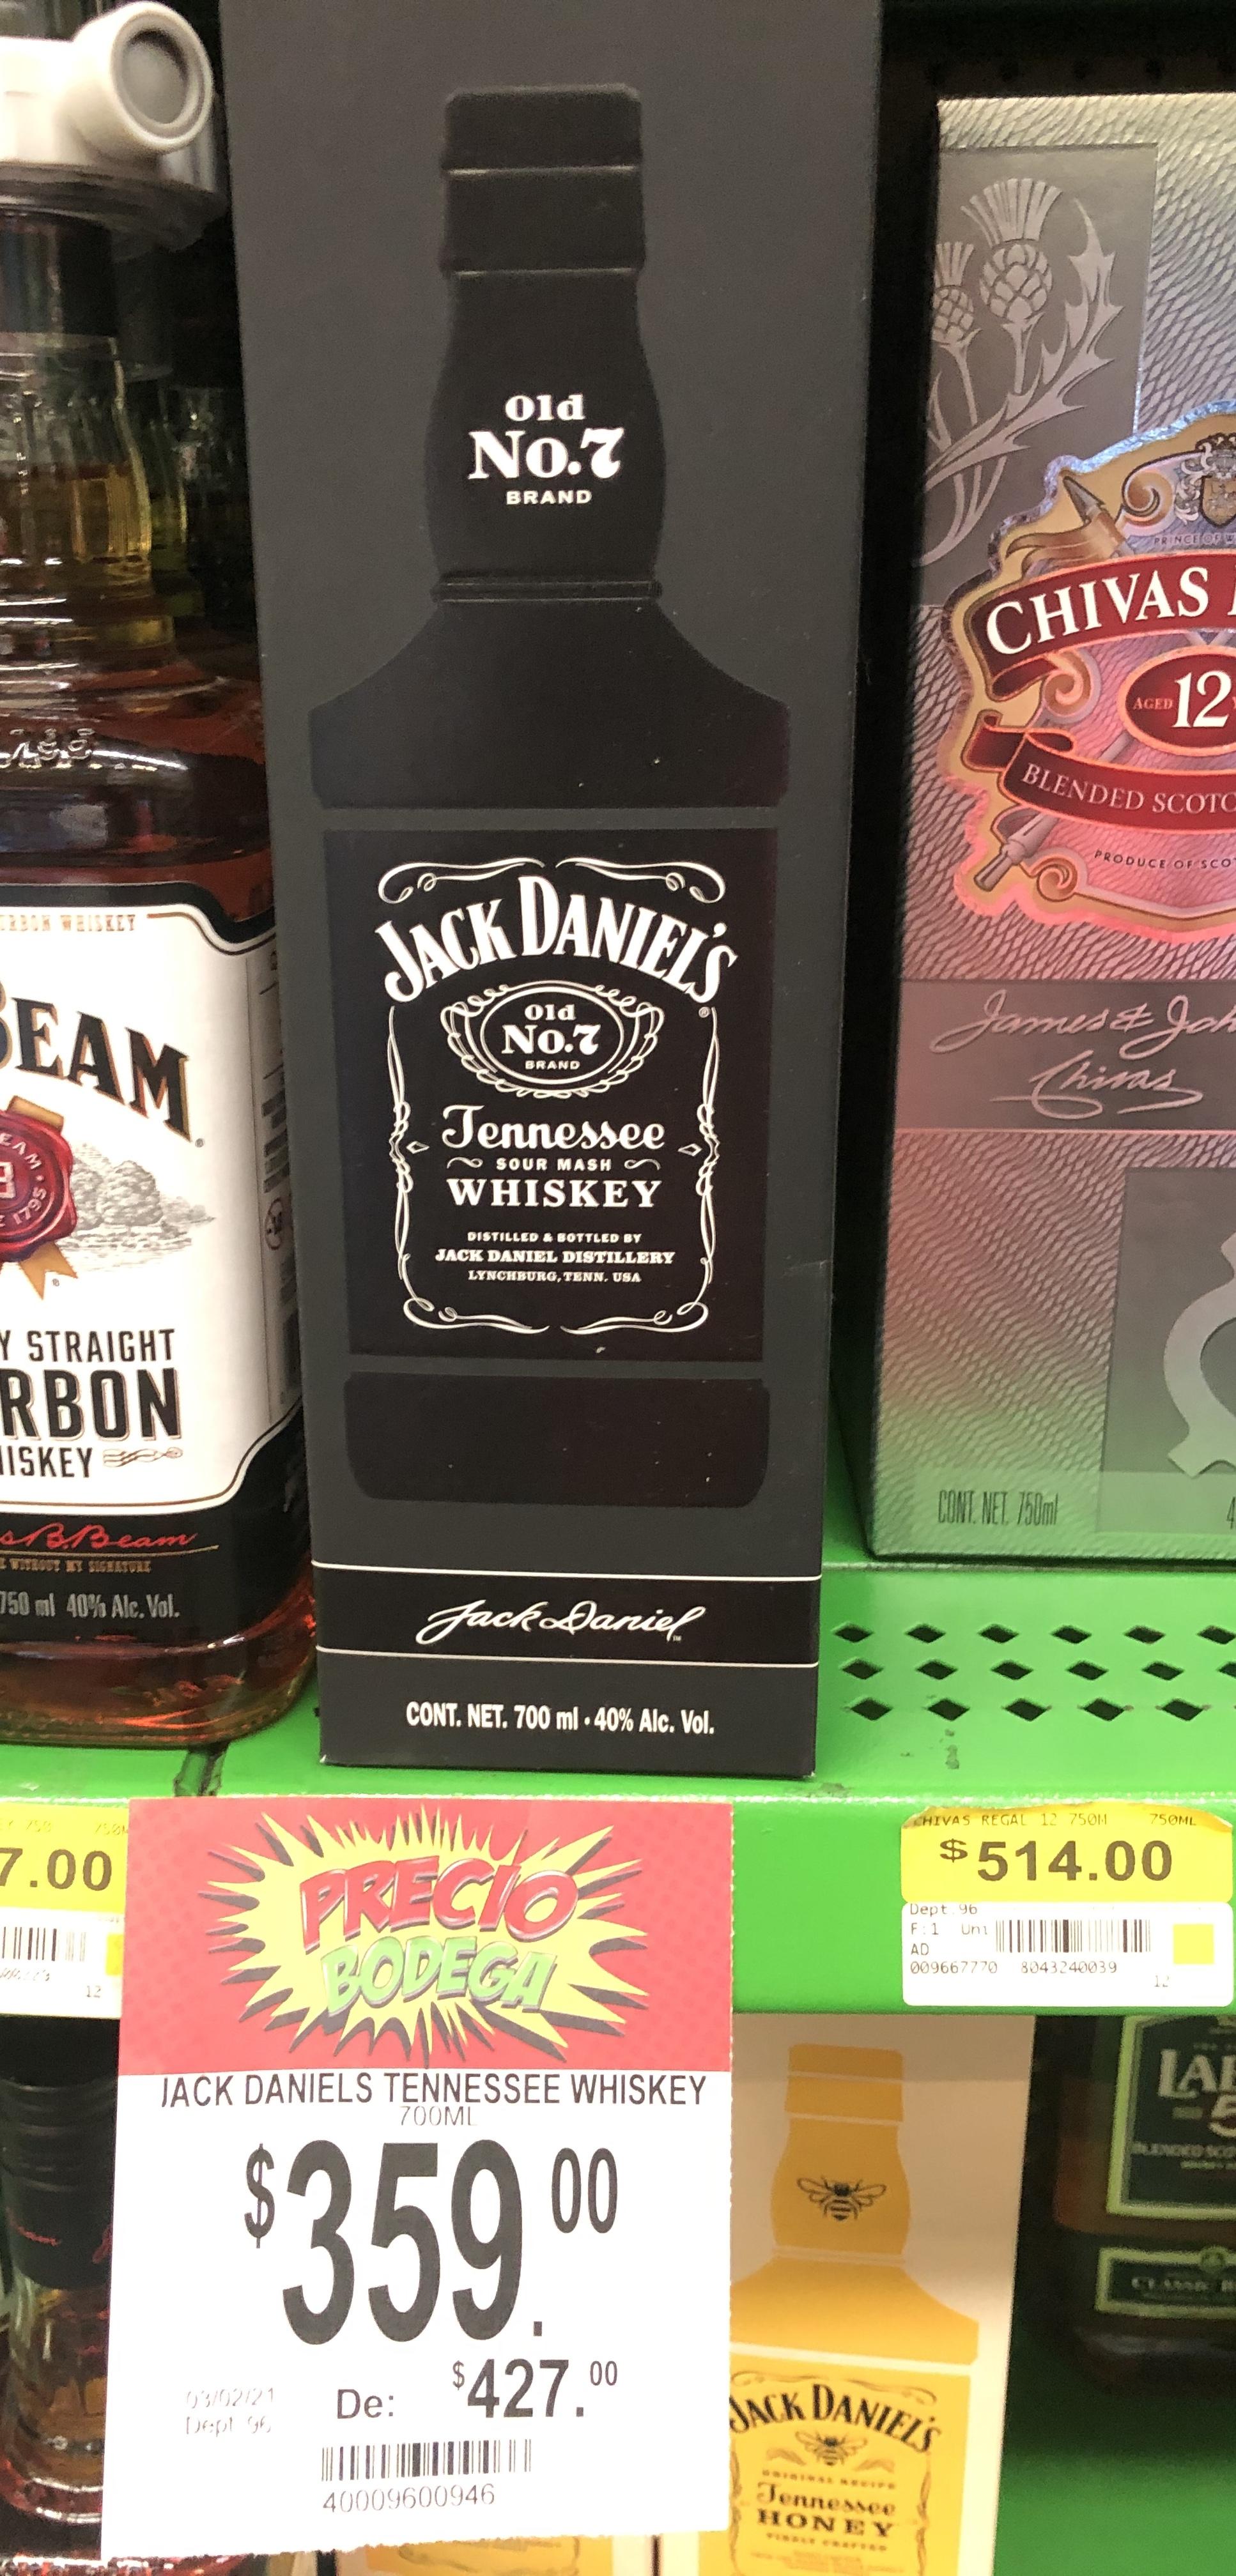 Bodega Aurrera: Jack Daniels 700ml en $359.00